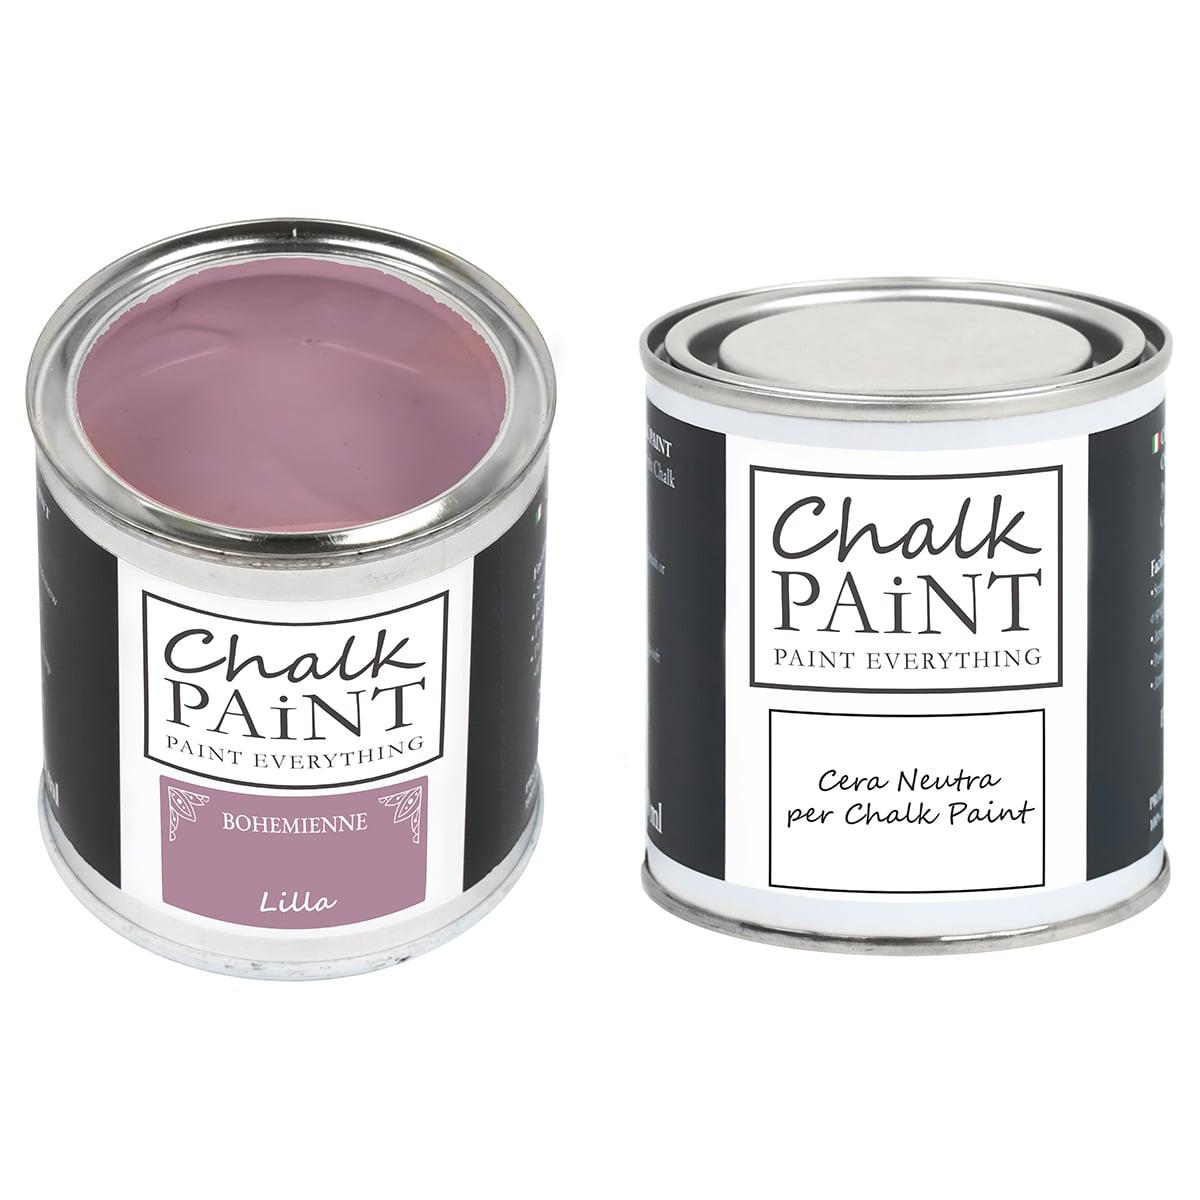 Lilla Chalk paint e cera in offerta decora facile con paint magic